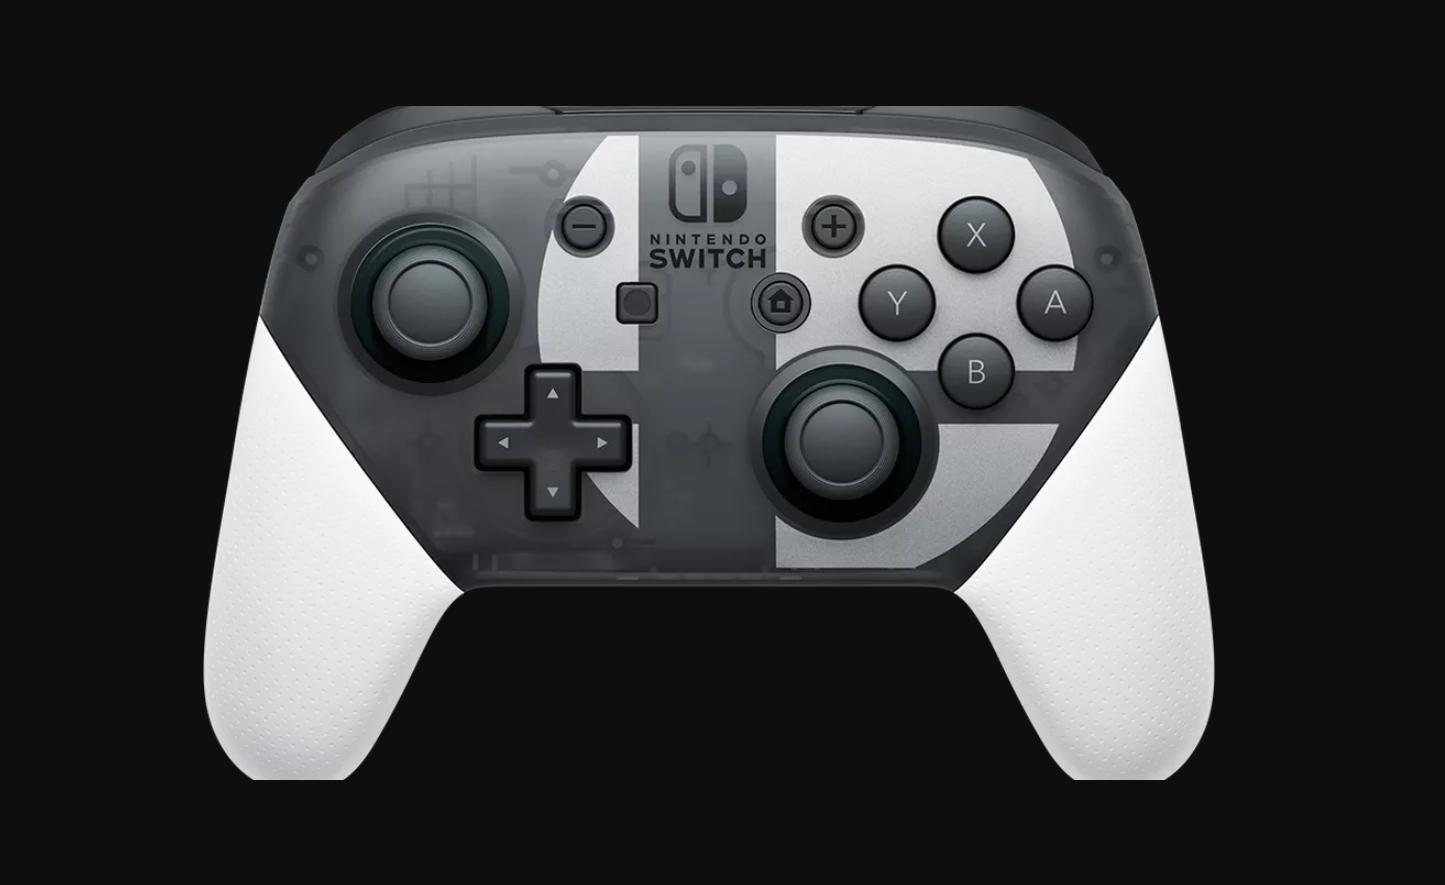 Nouveau Super Smash Bros. contrôleur Ultimate édition limitée Pro Ultimate a annoncé